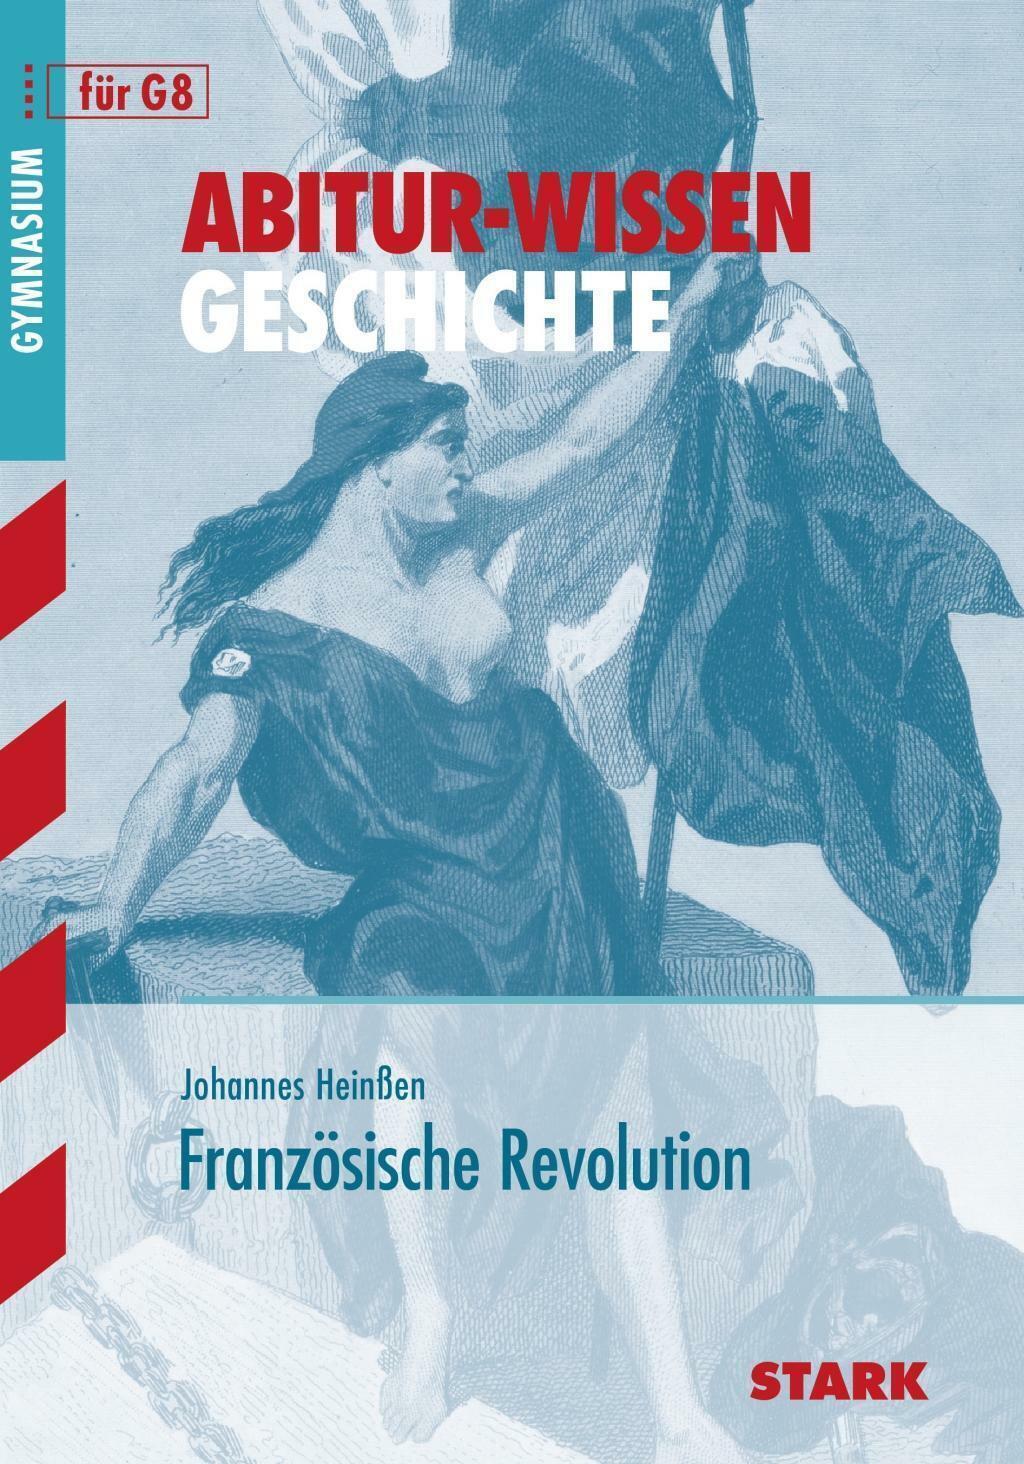 Abitur-Wissen Geschichte für G8. Französische Revolution (Taschenbuch) unbenutzt